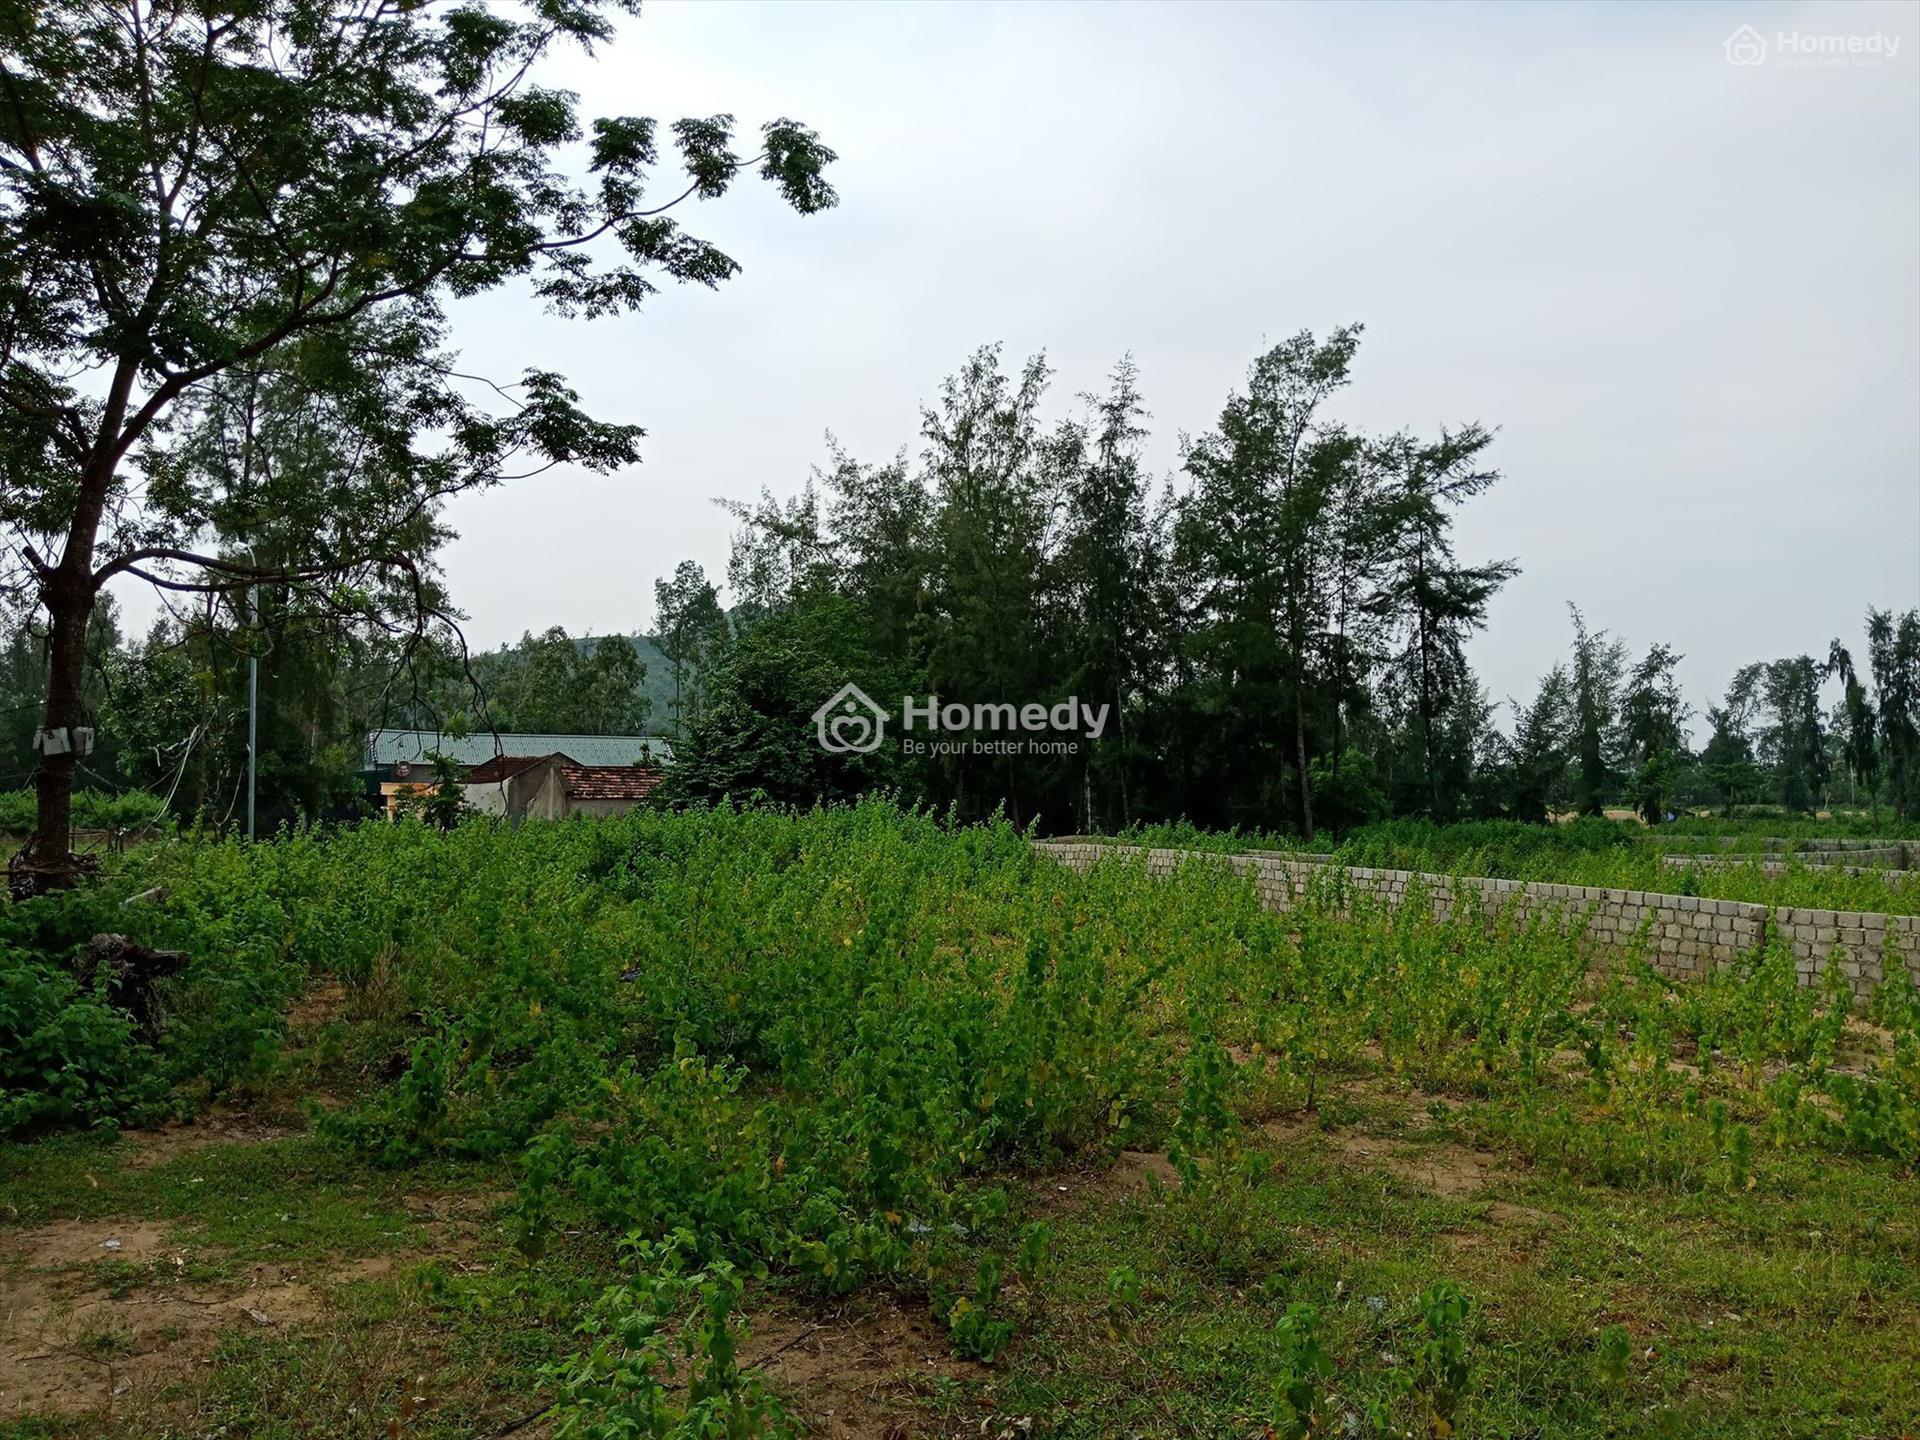 Đất trồng cây lâu năm là gì? Có được phép xây nhà?